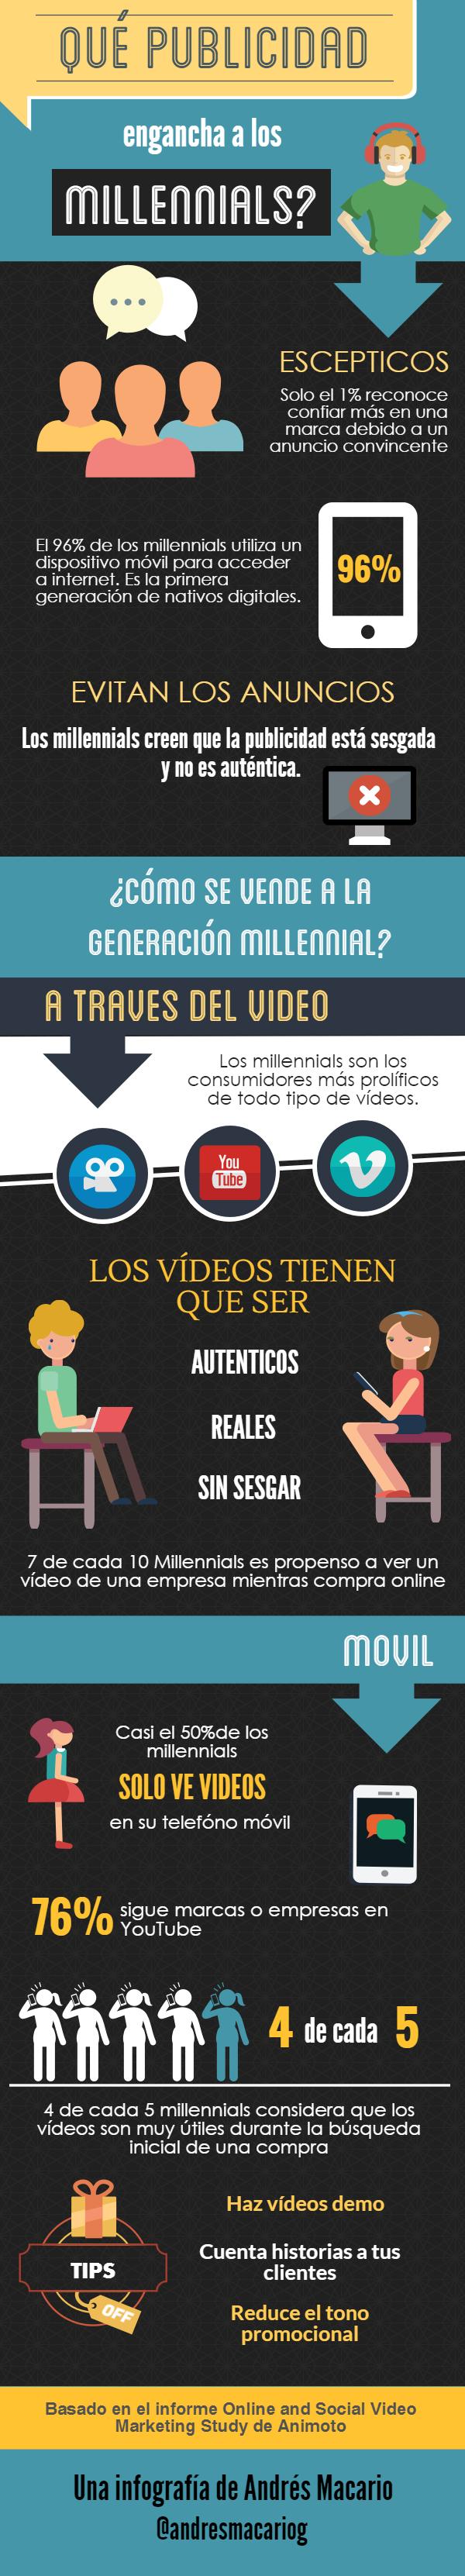 Que publicidad engancha a los millennials - Infografia Andres Macario